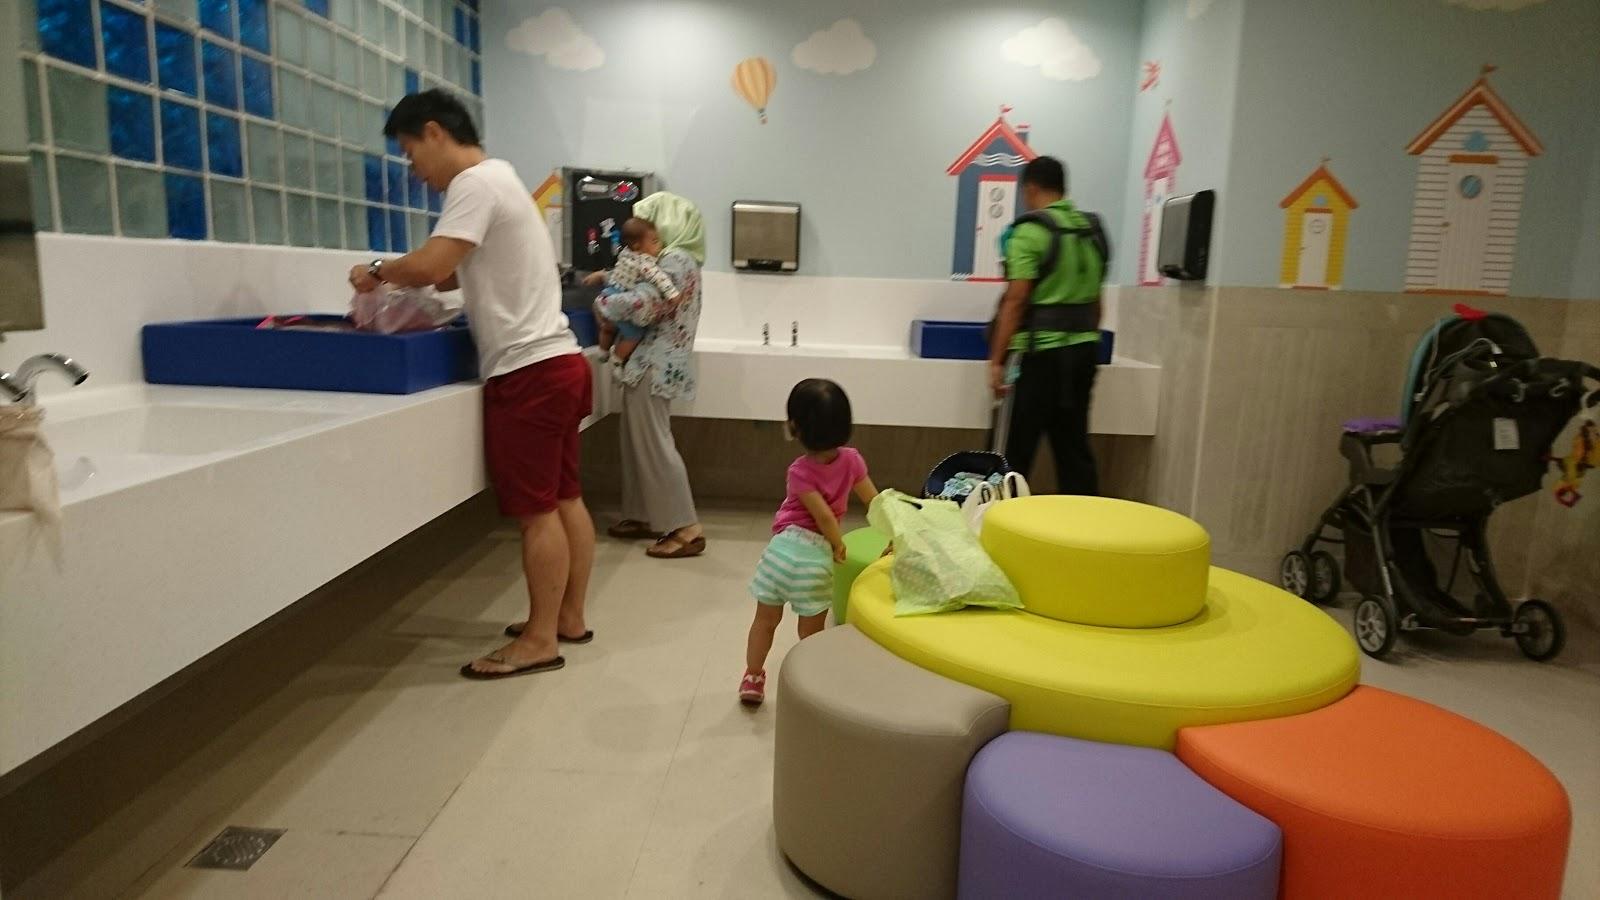 Mama Veevee Baby Diary Nursing Room At Waterway Point